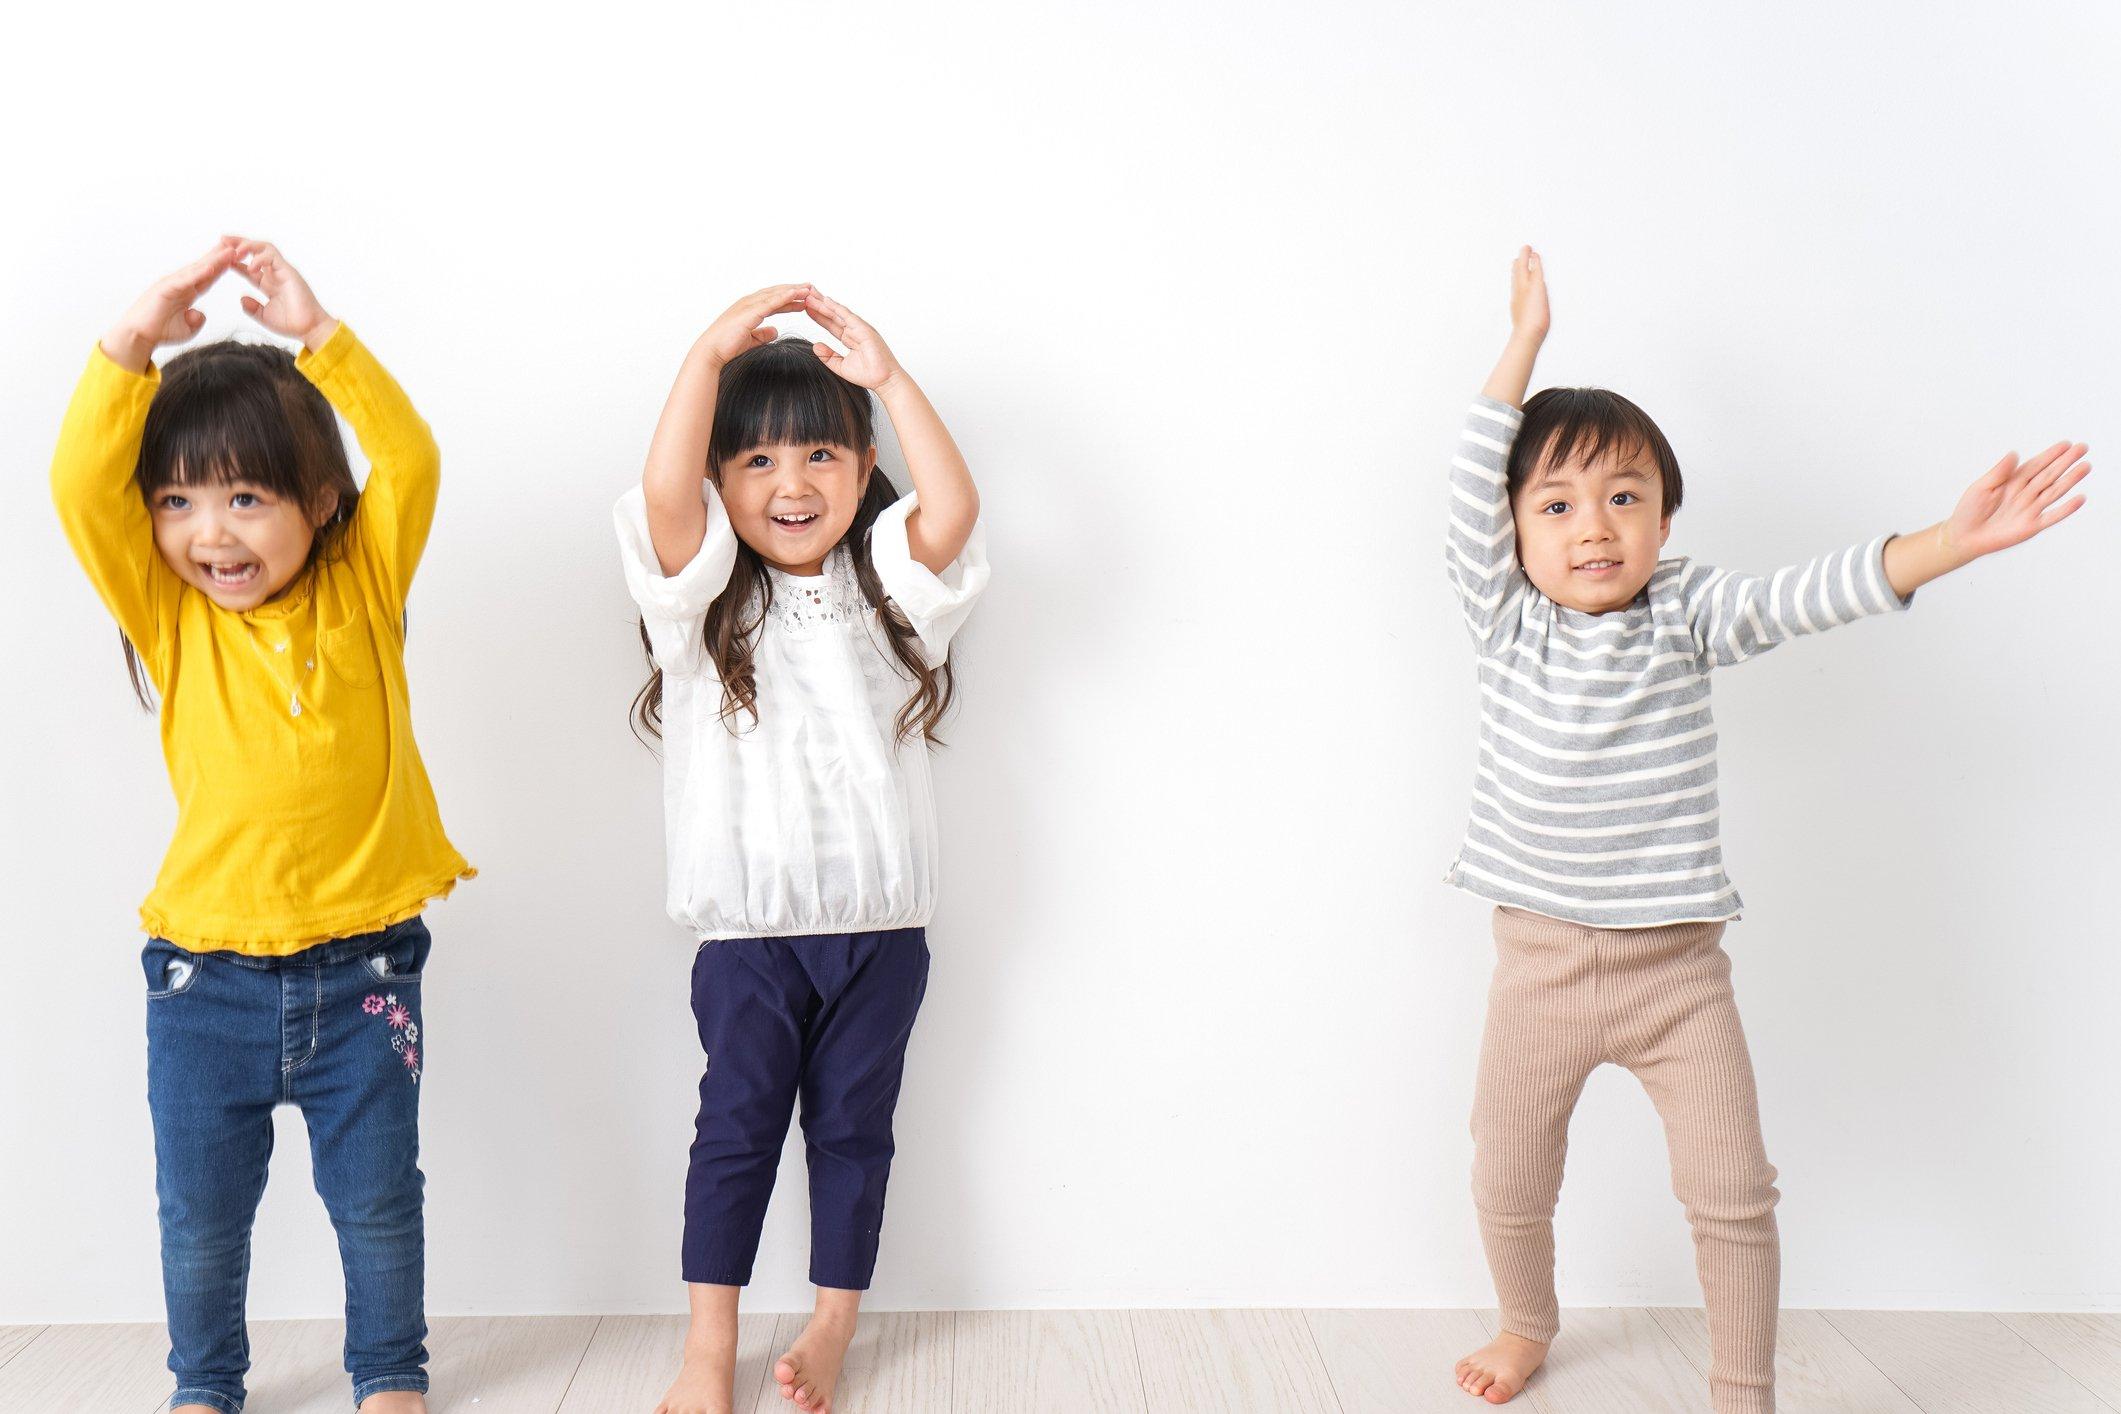 49 Activités Physiques Plaisantes À Faire Avec Des Enfants dedans Petit Jeux 3 5 Ans